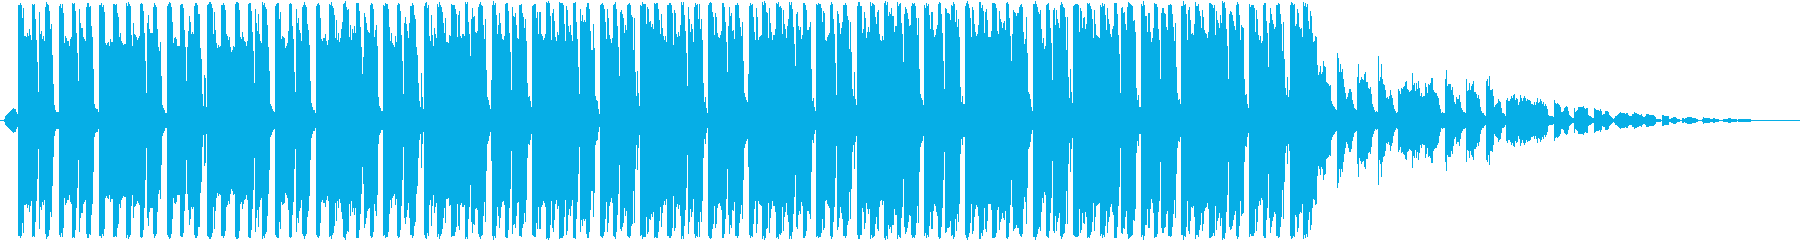 ピアノとファッションダンストラック。の再生済みの波形